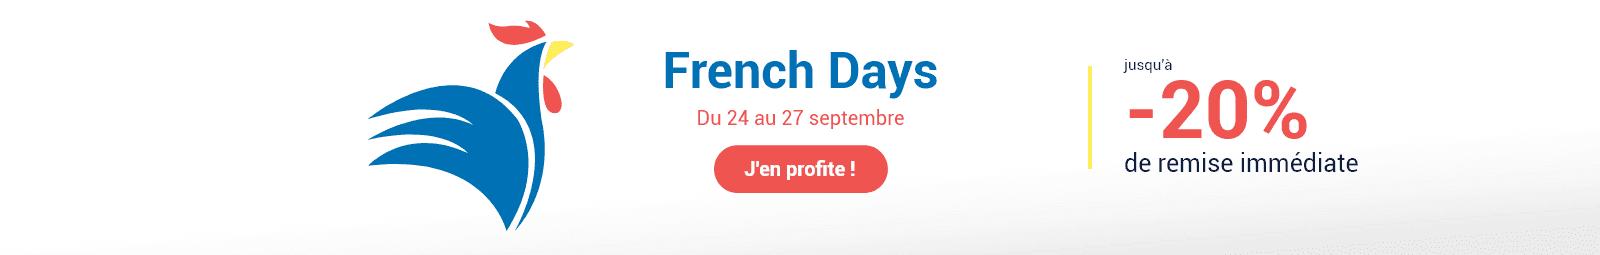 French Days - 20% de réduction immédiate